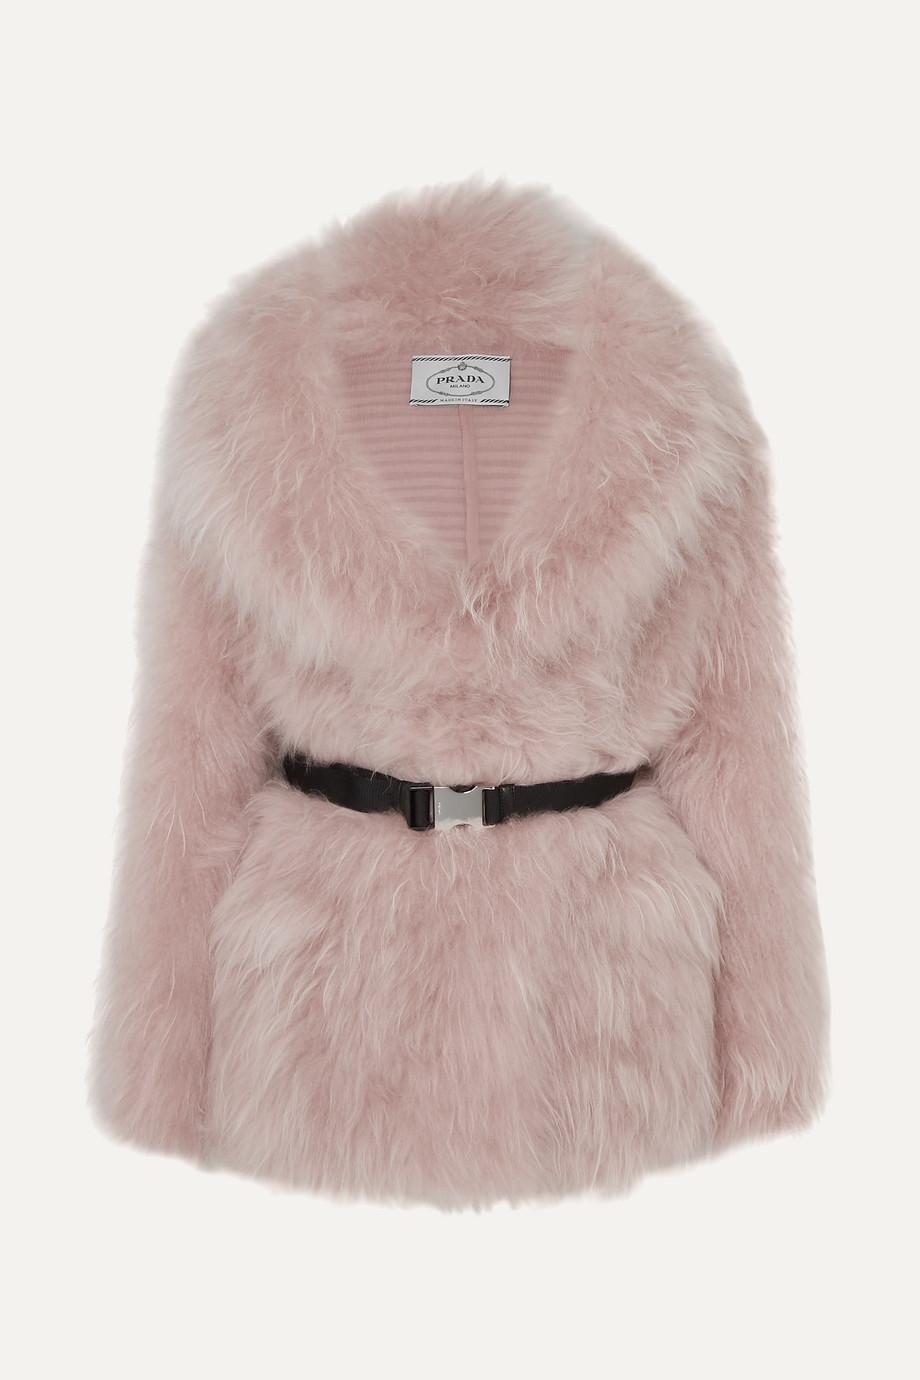 Prada Manteau en poil de chèvre à ceinture